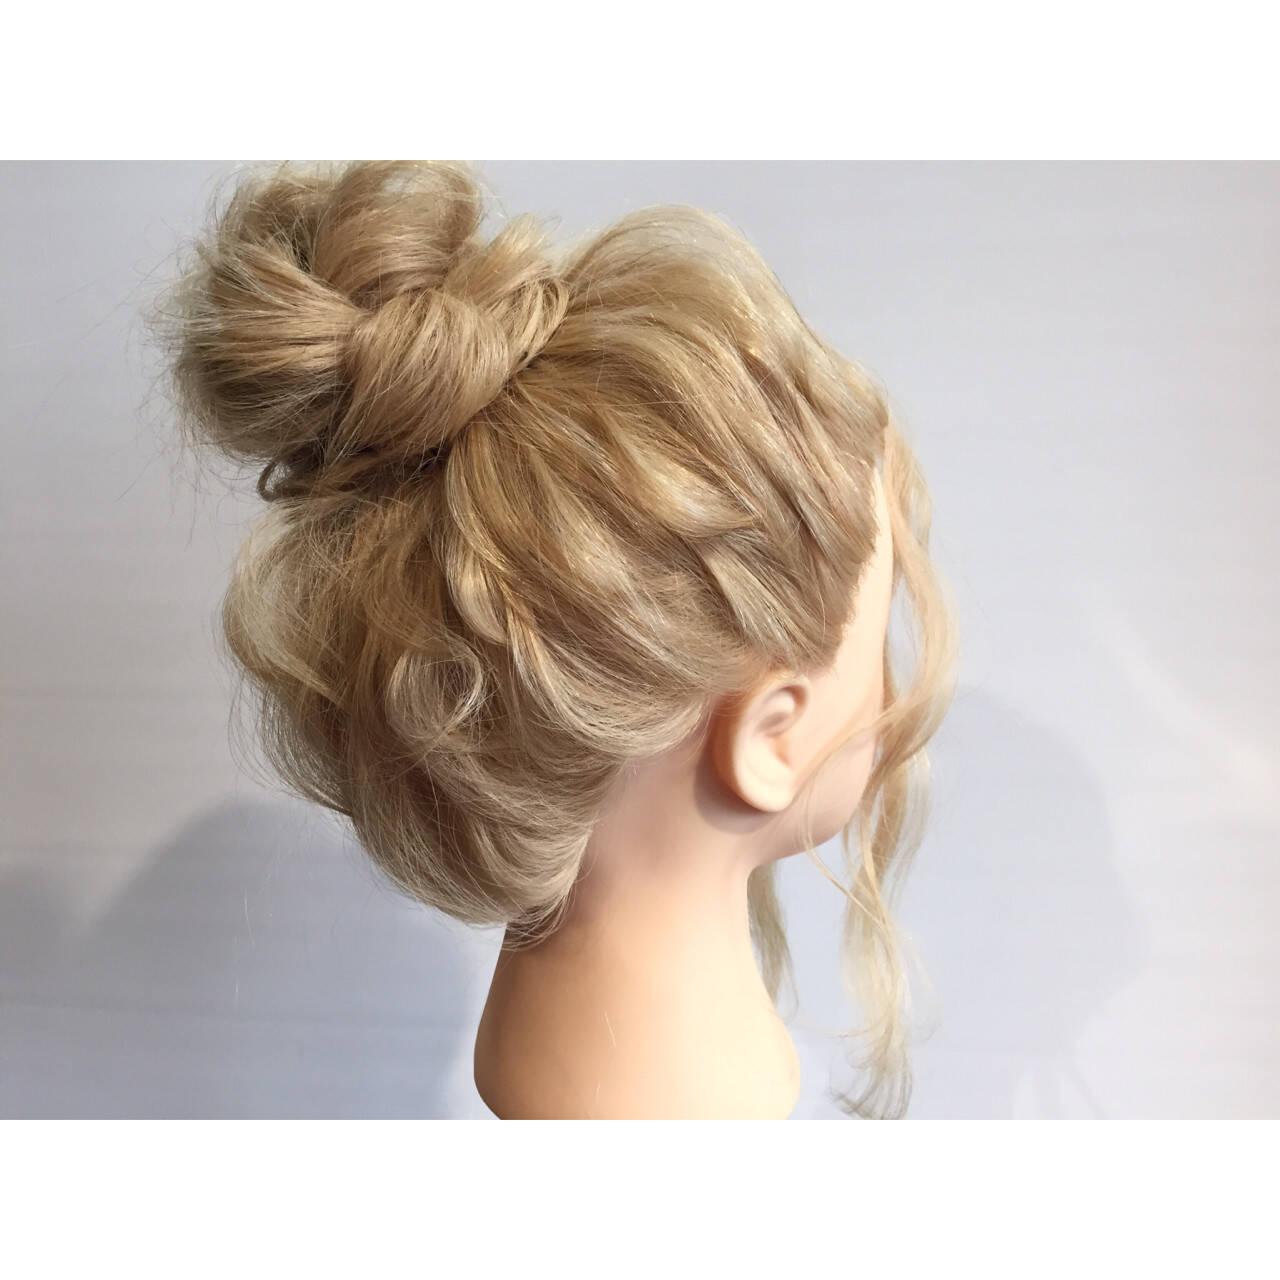 ヘアアレンジ 簡単ヘアアレンジ 三つ編み セミロングヘアスタイルや髪型の写真・画像